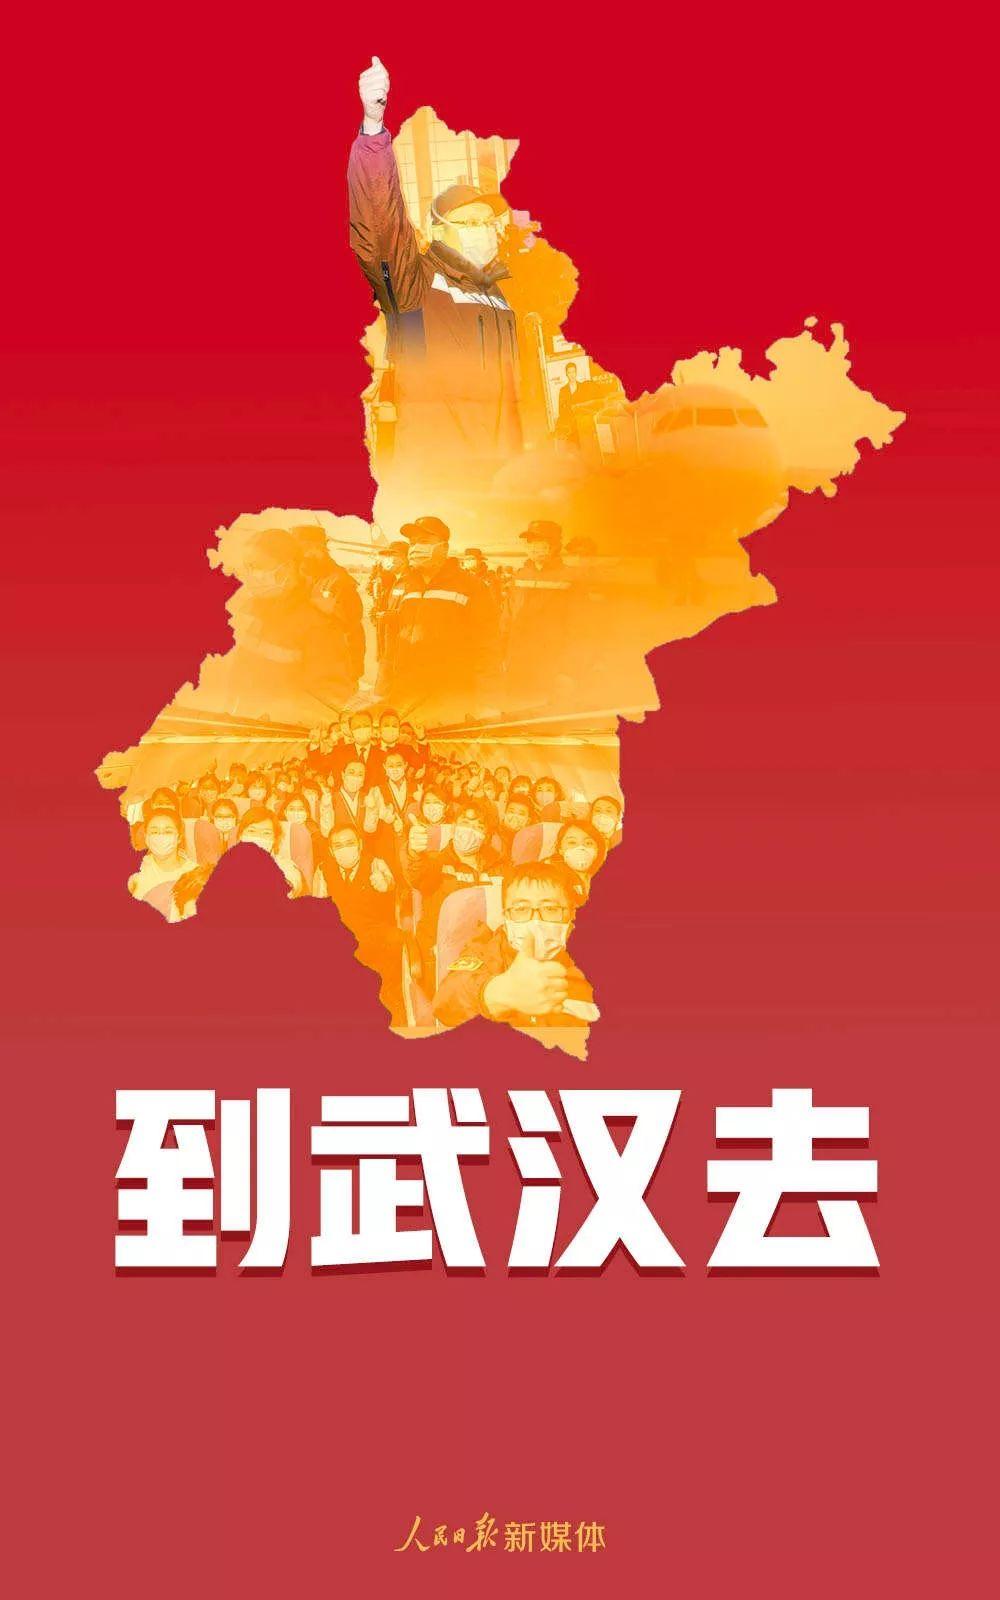 人民日报:到武汉去!图片